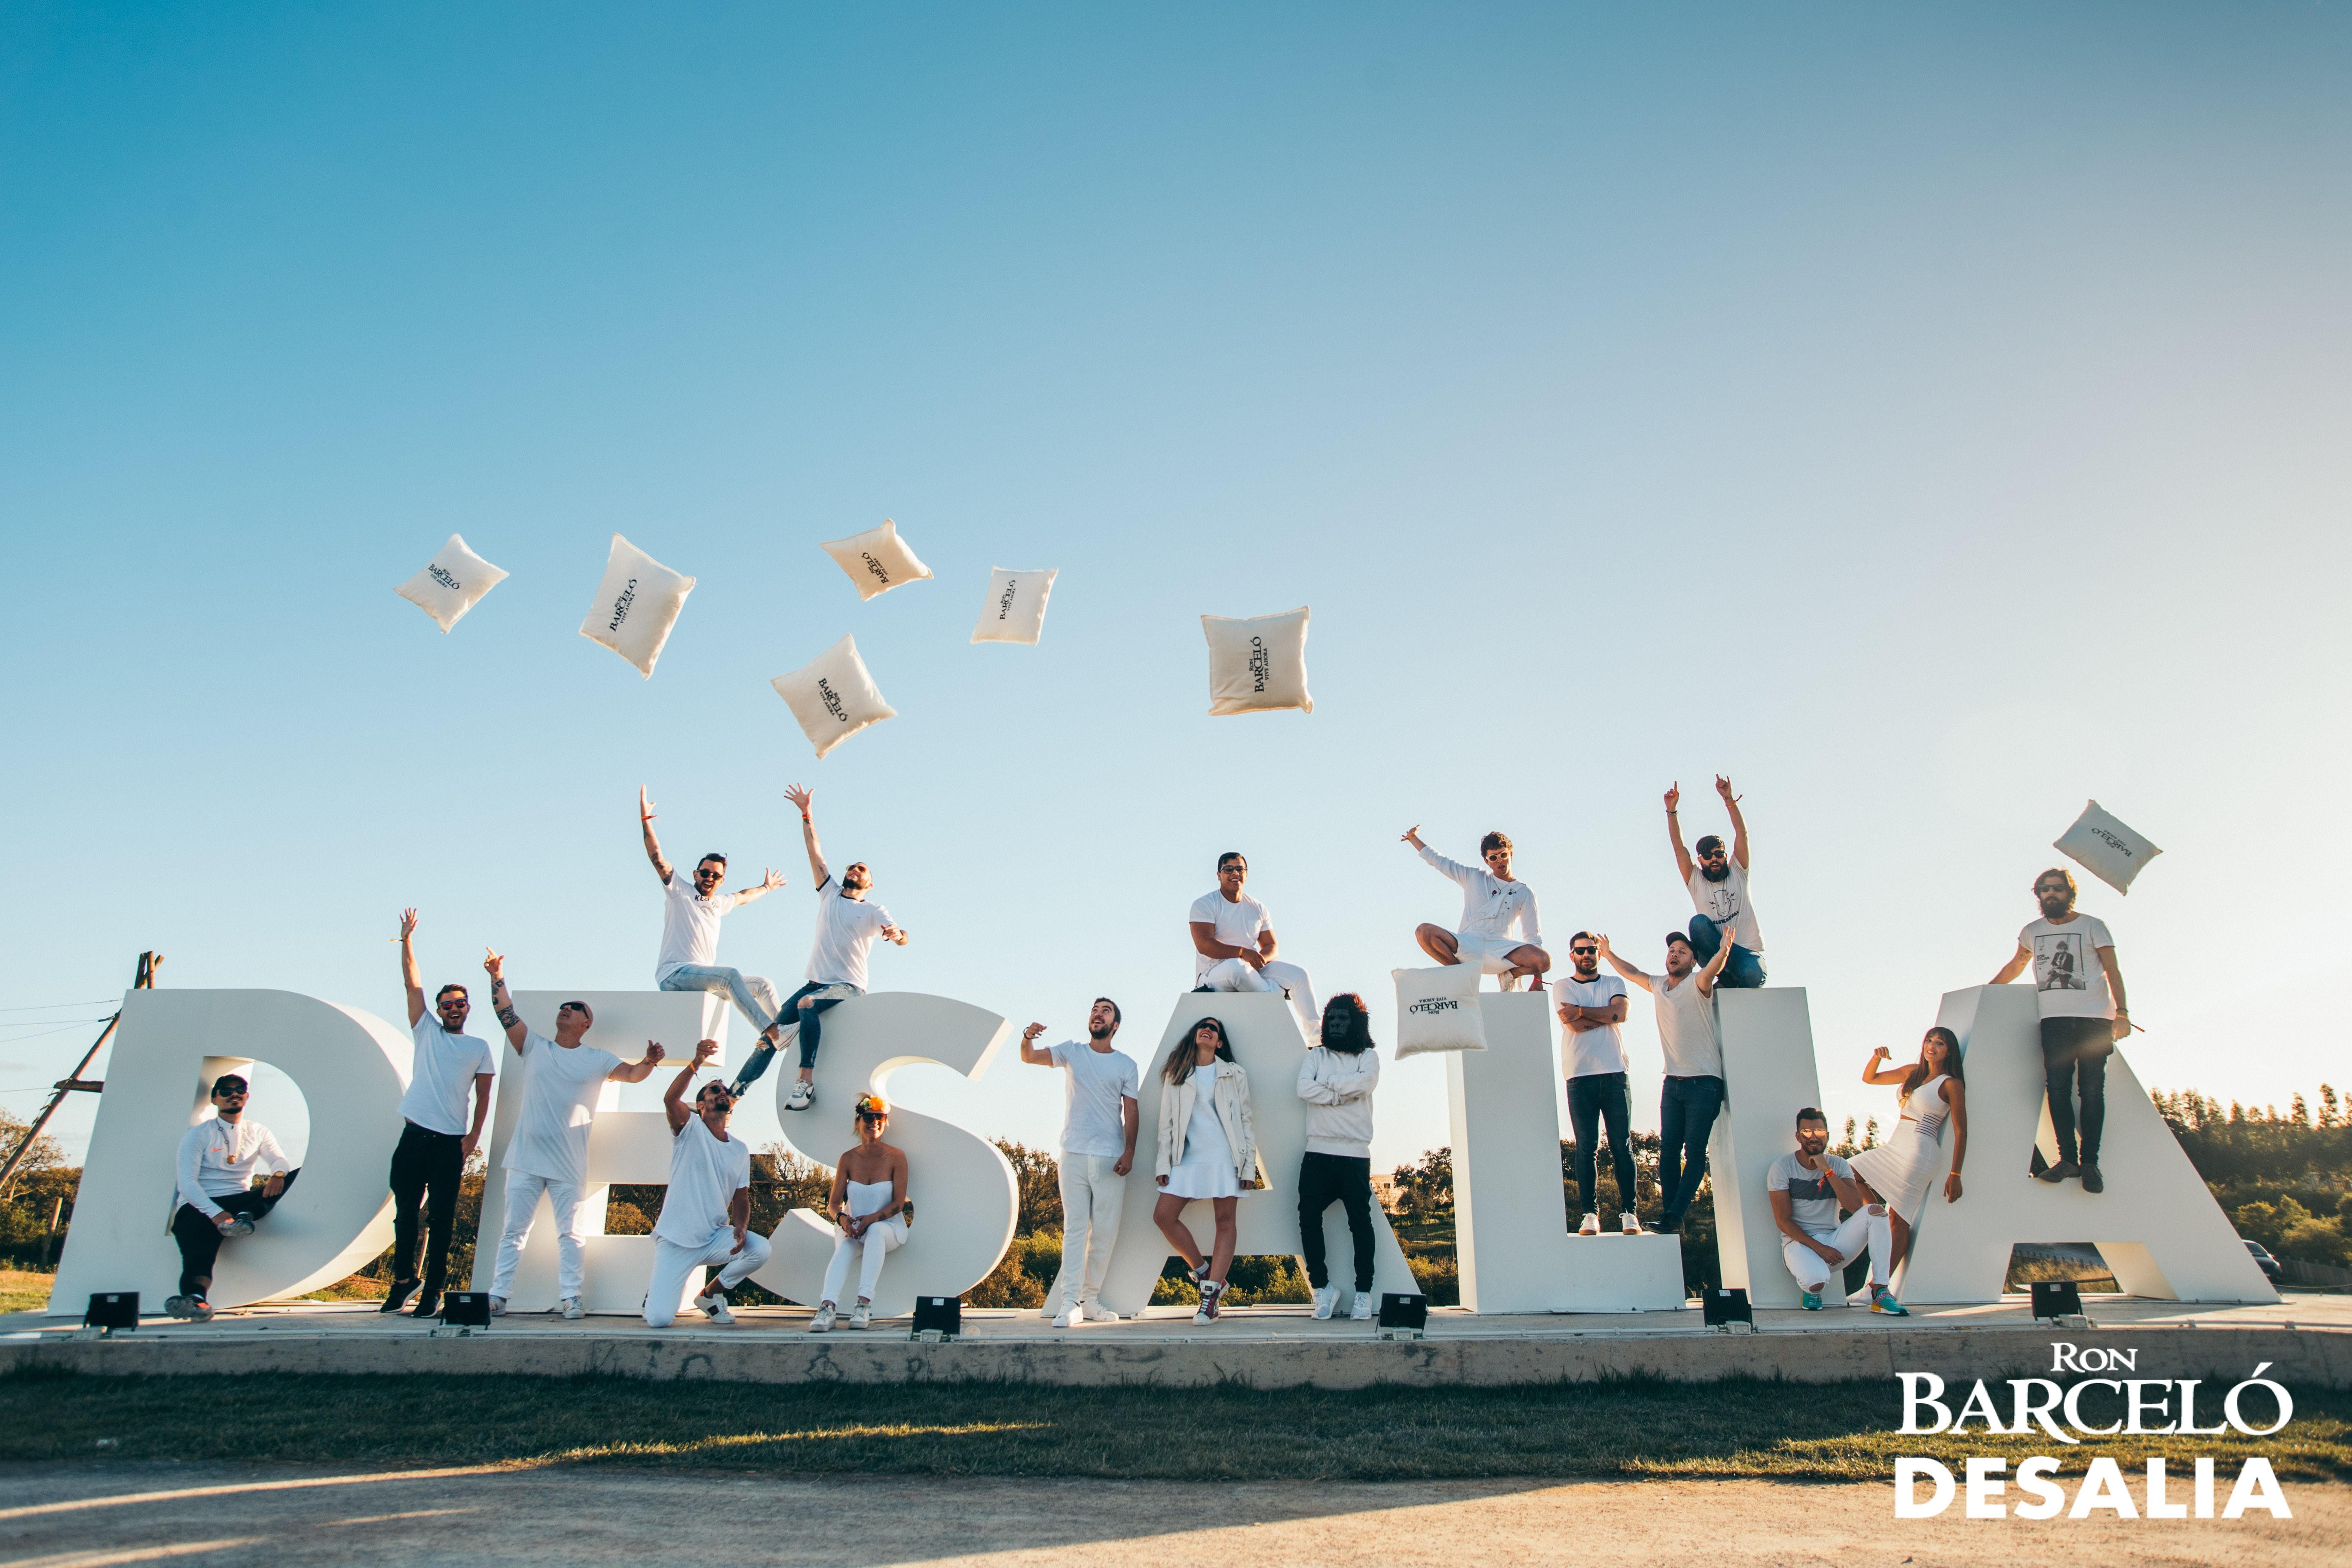 Ron Barceló Desalia finaliza su XI edición, celebrada en la costa portuguesa, consolidándose como el evento millenial de referencia